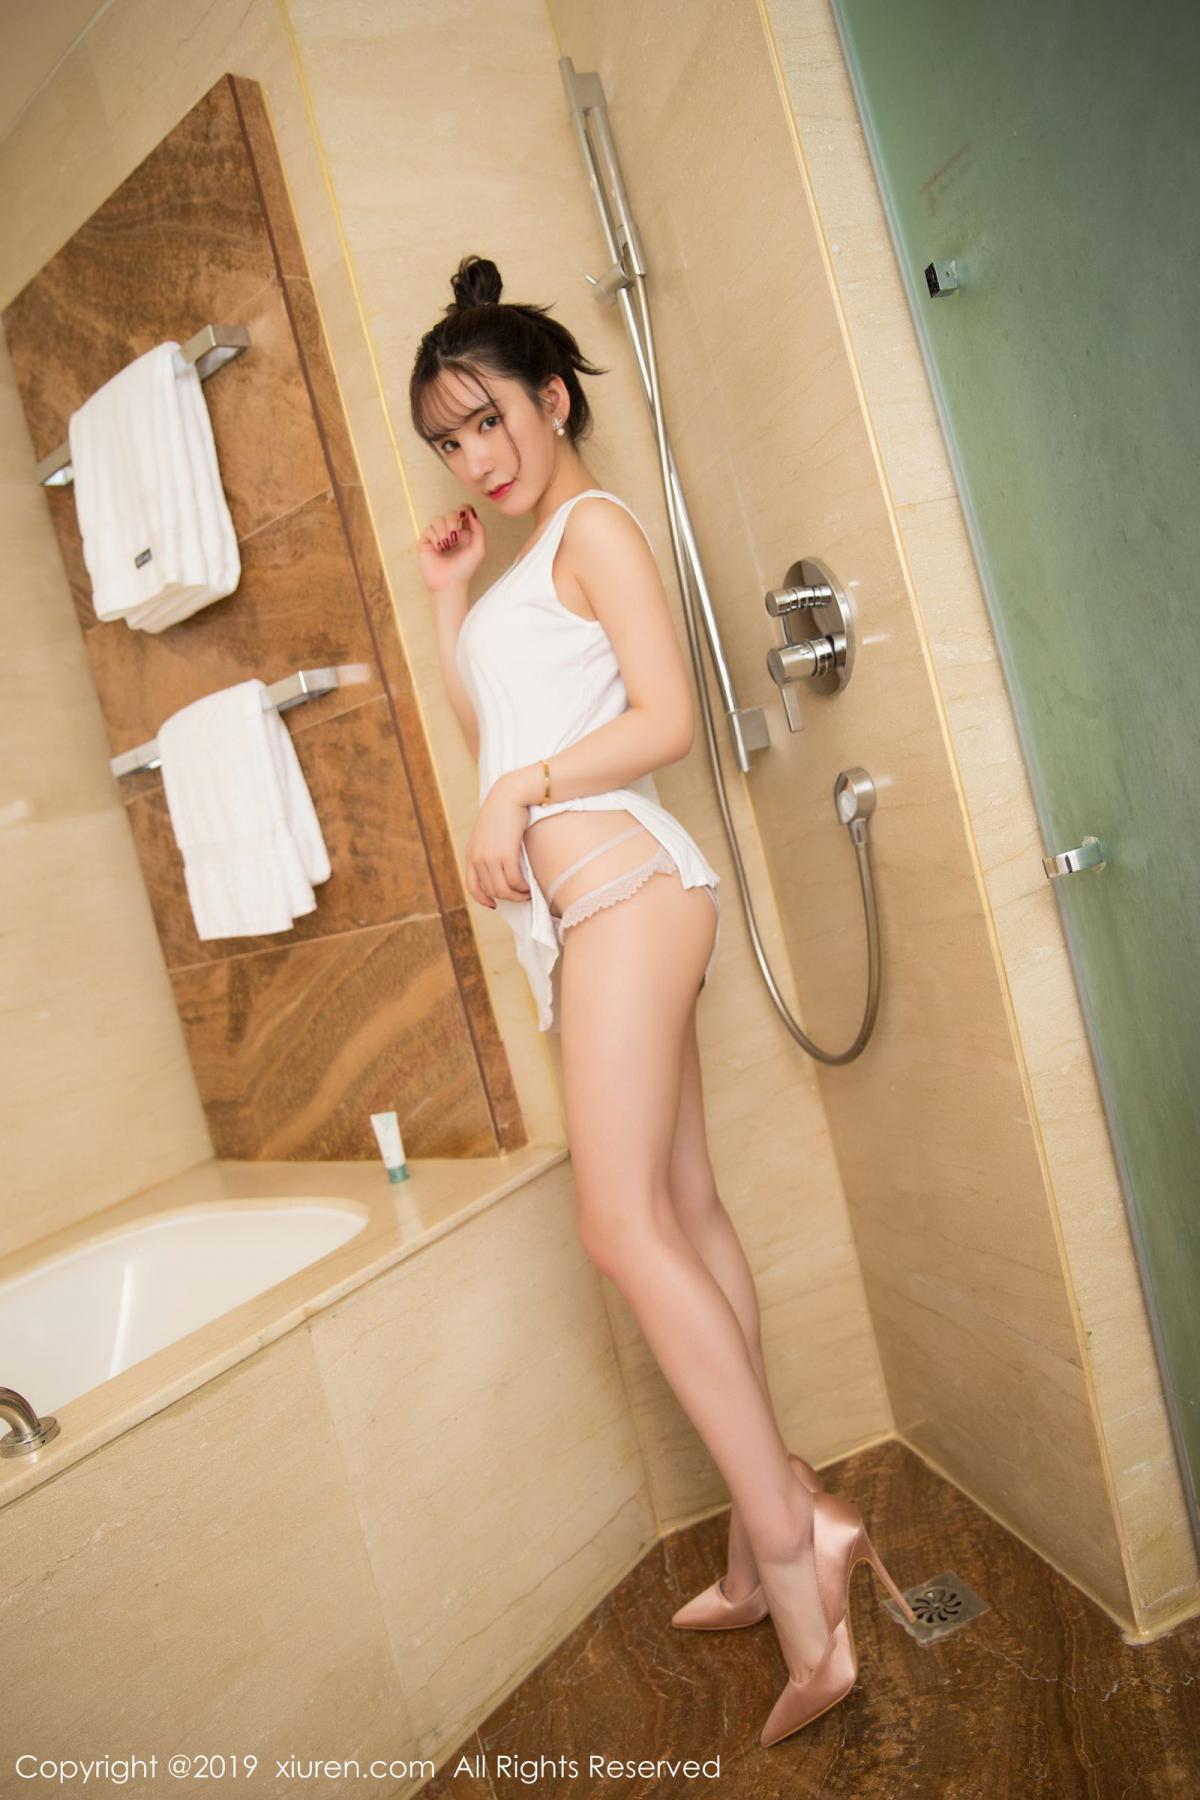 [XiuRen] Vol.1656 Zhou Yu Xi 8P, Bathroom, Underwear, Wet, Xiuren, Zhou Yu Xi